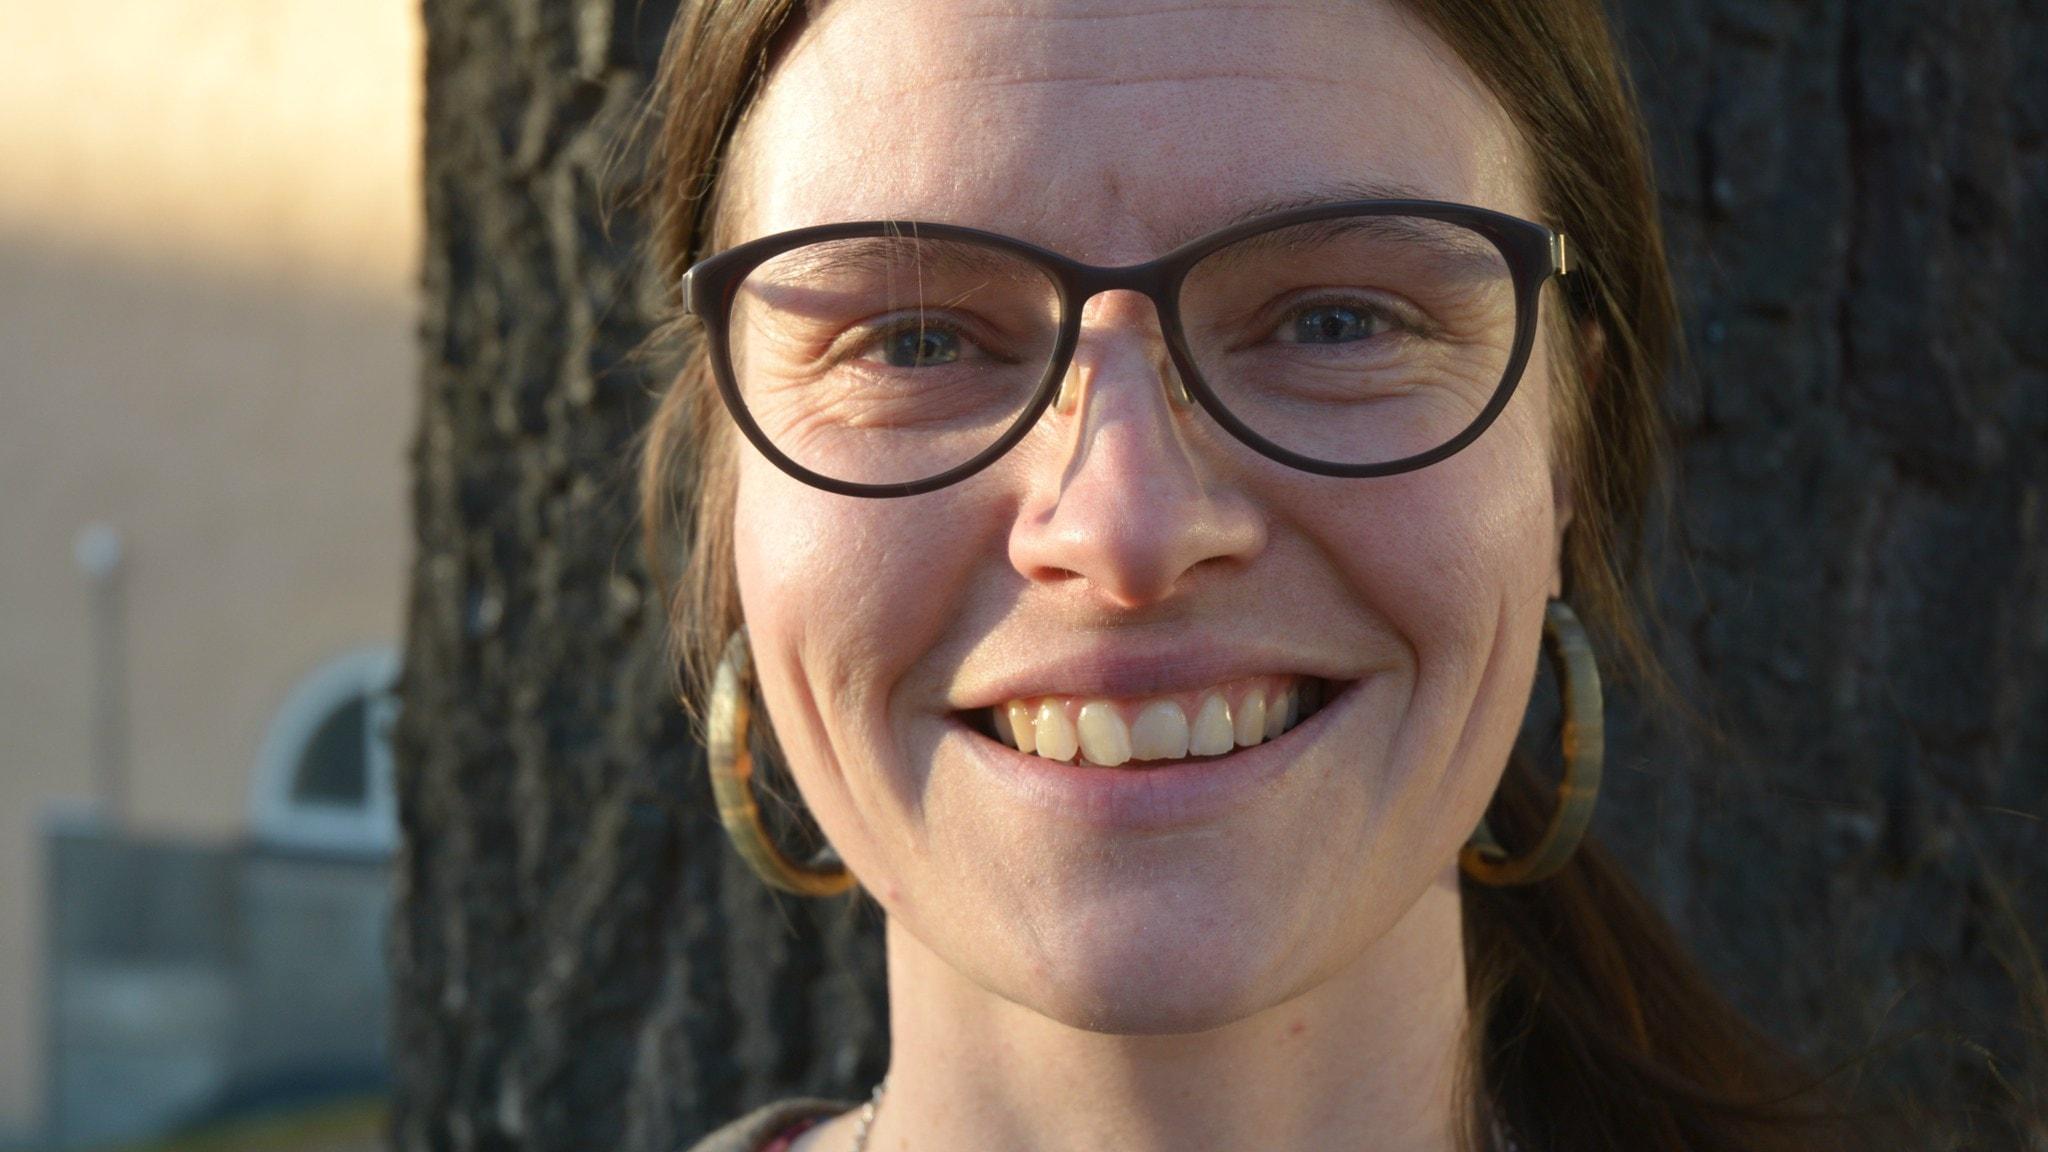 Erika Sigvardsdotter: Att studera de som är utanför, lär oss något om samhället